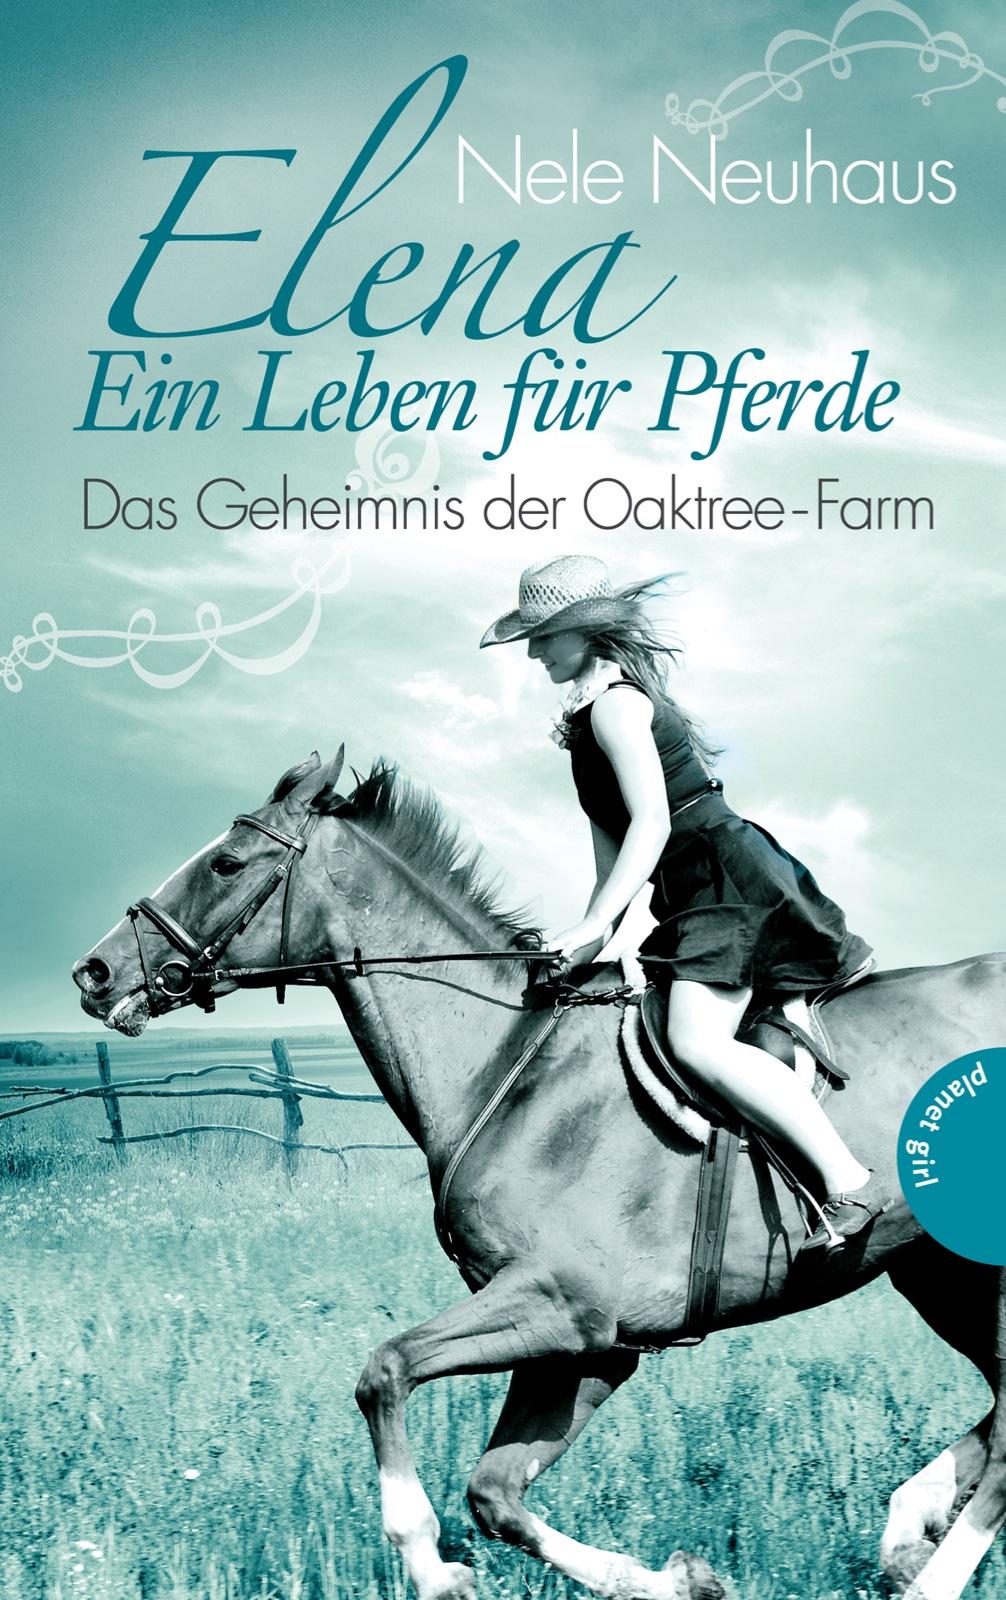 Elena - Ein Leben für Pferde: Band 4 - Das Geheimnis der Oaktree-Farm - Nele Neuhaus [Gebundene Ausgabe]